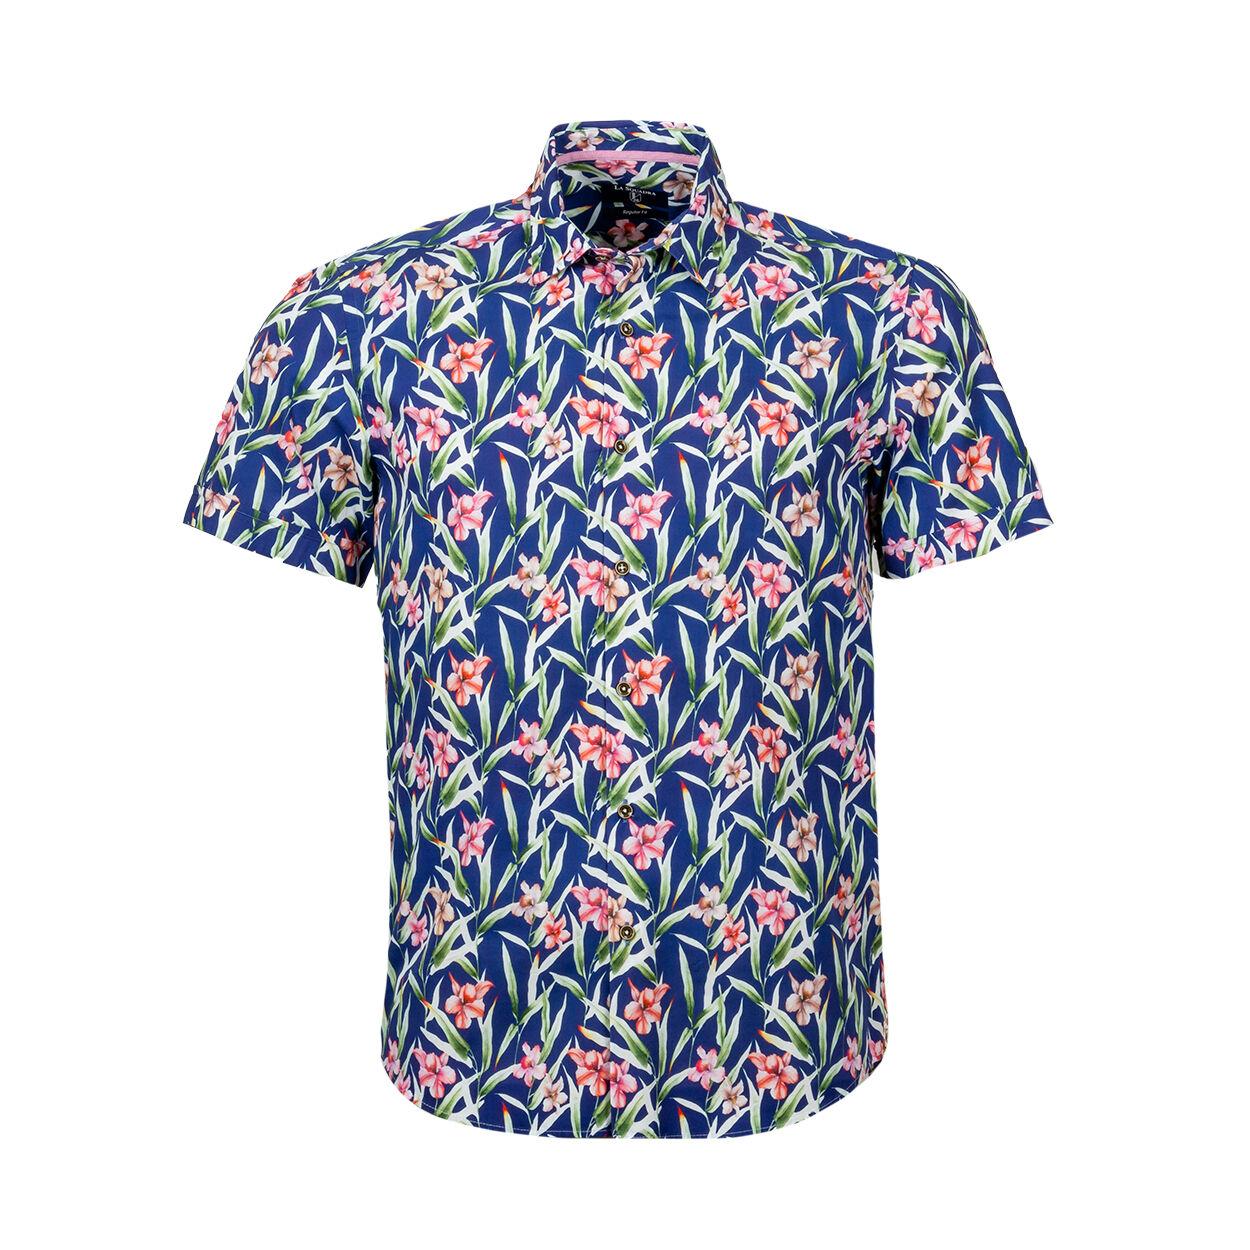 La Squadra Chemise manches courtes coupe droite La Squadra en coton bleu marine à motifs fleuris rose et feuilles vertes - Bleu - XXXL